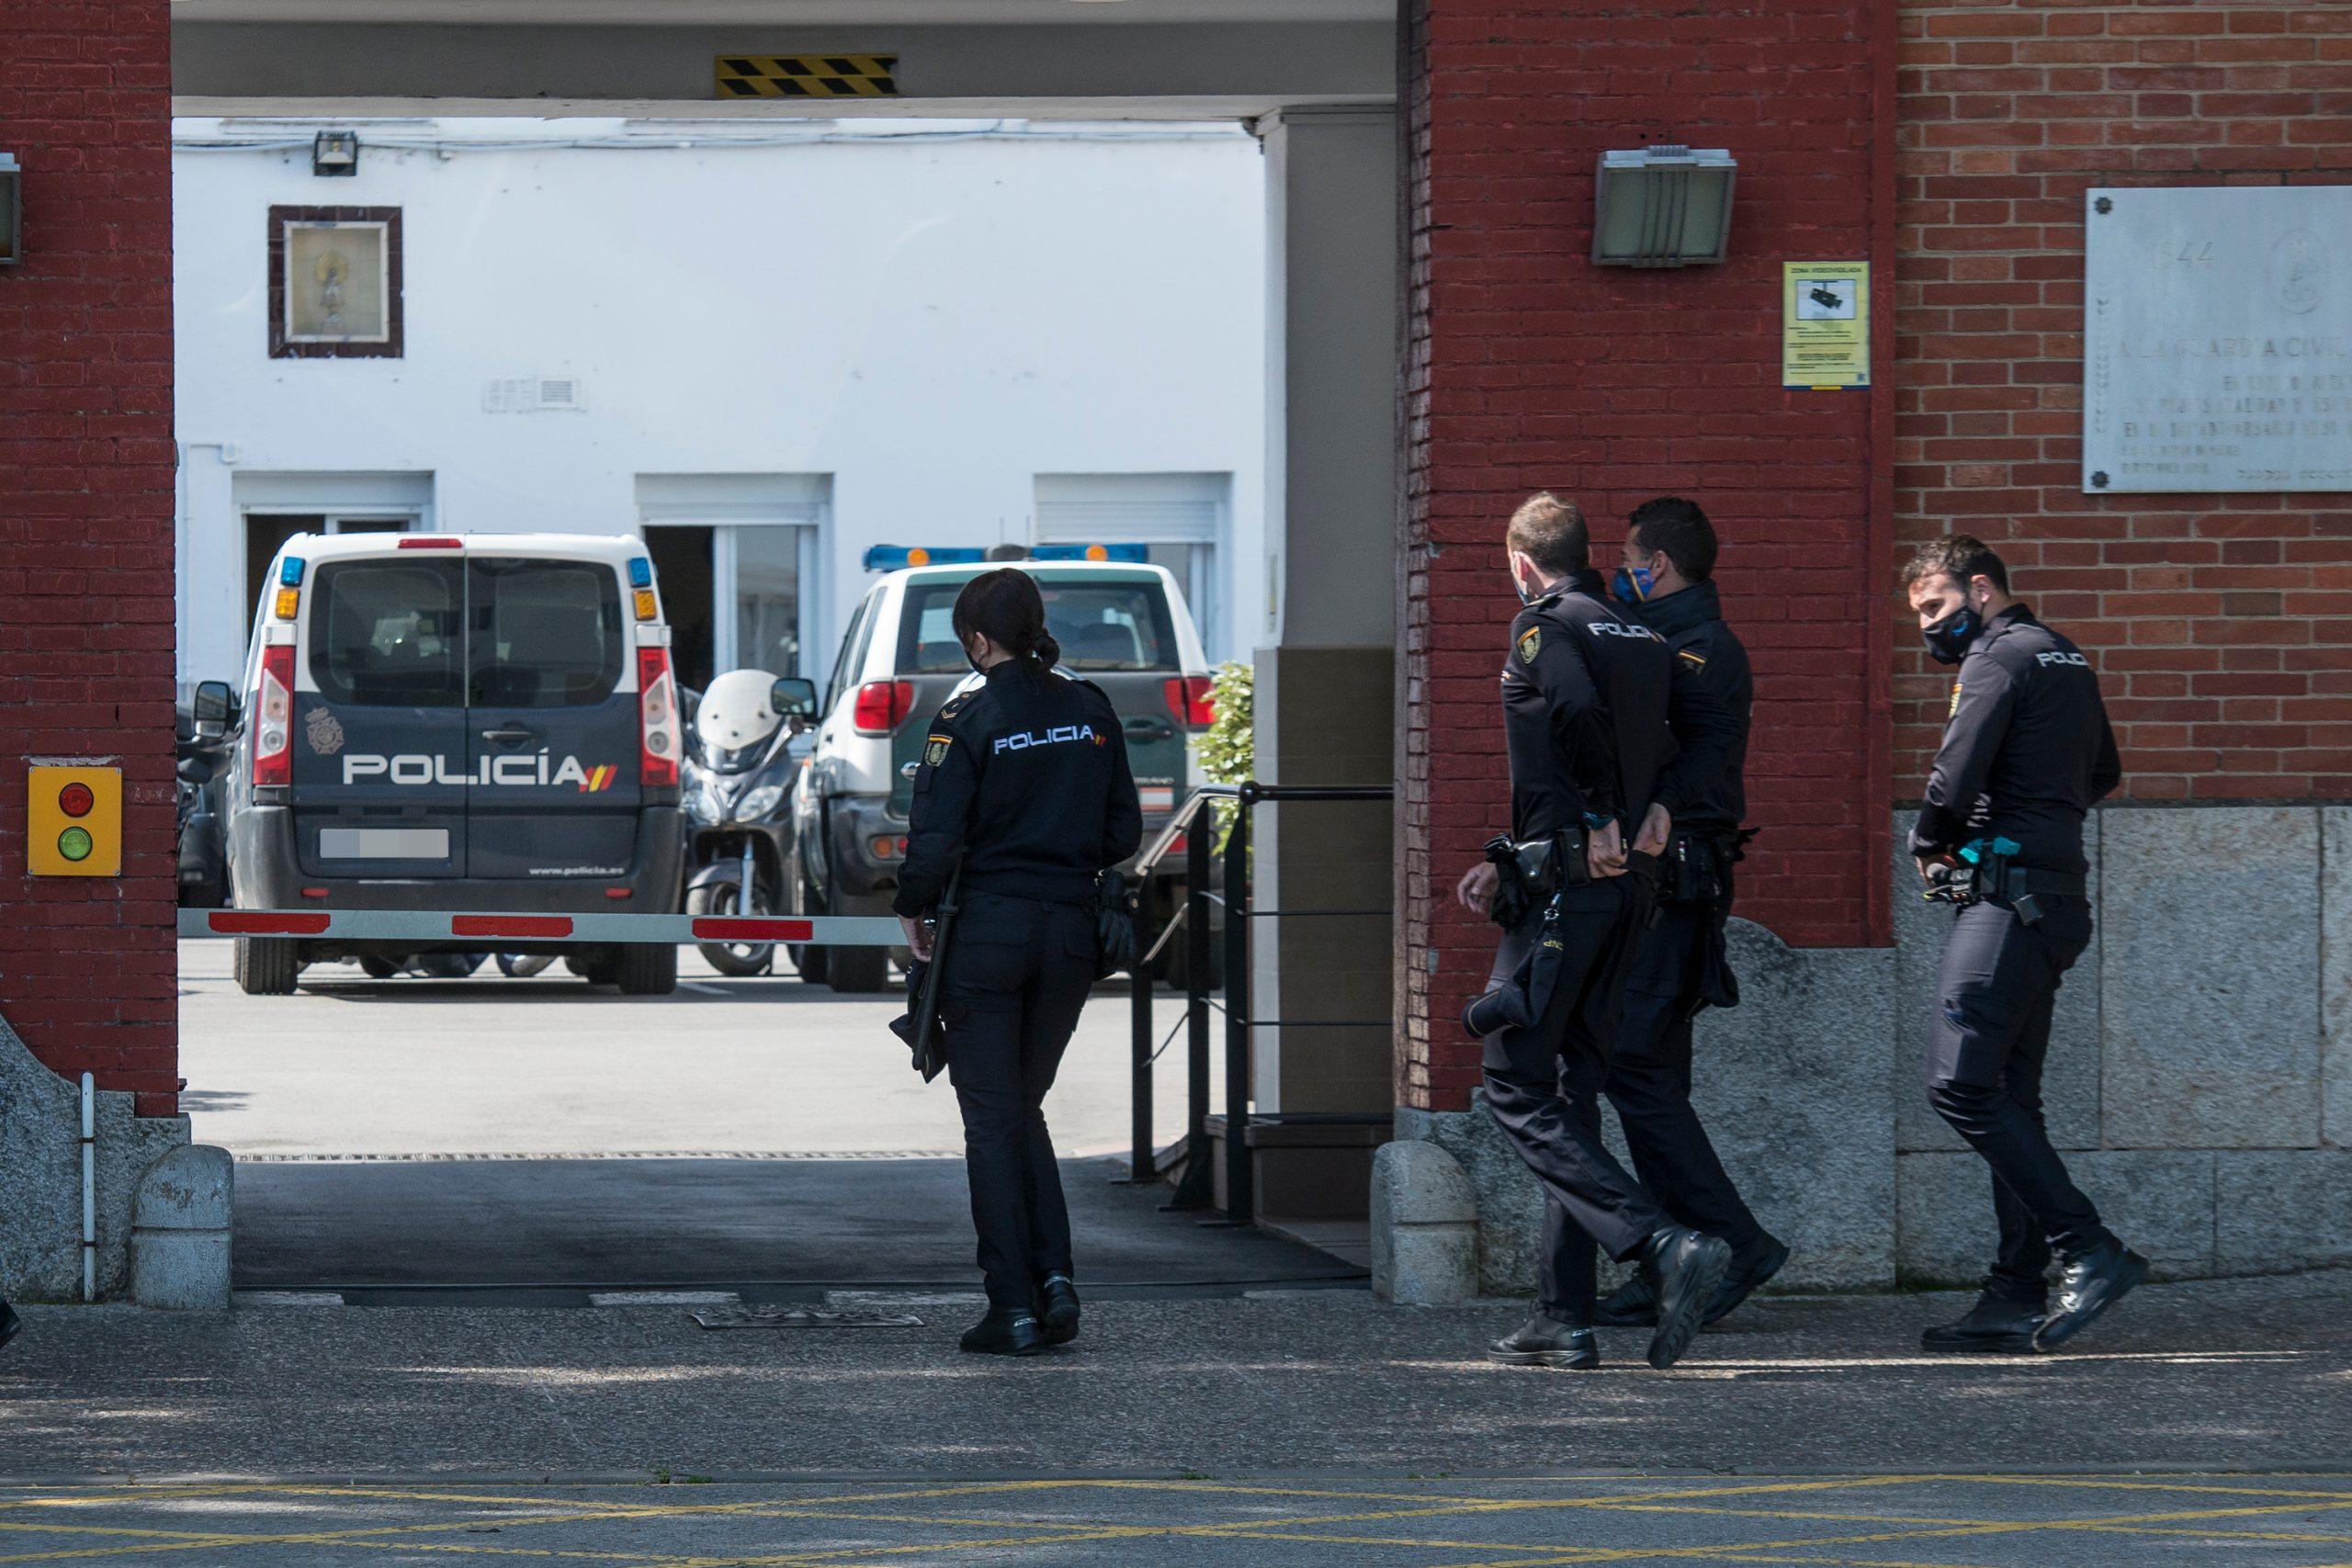 Detingut un pres fugat després d'haver agredit presumtament la seva exparella (Europa Press)